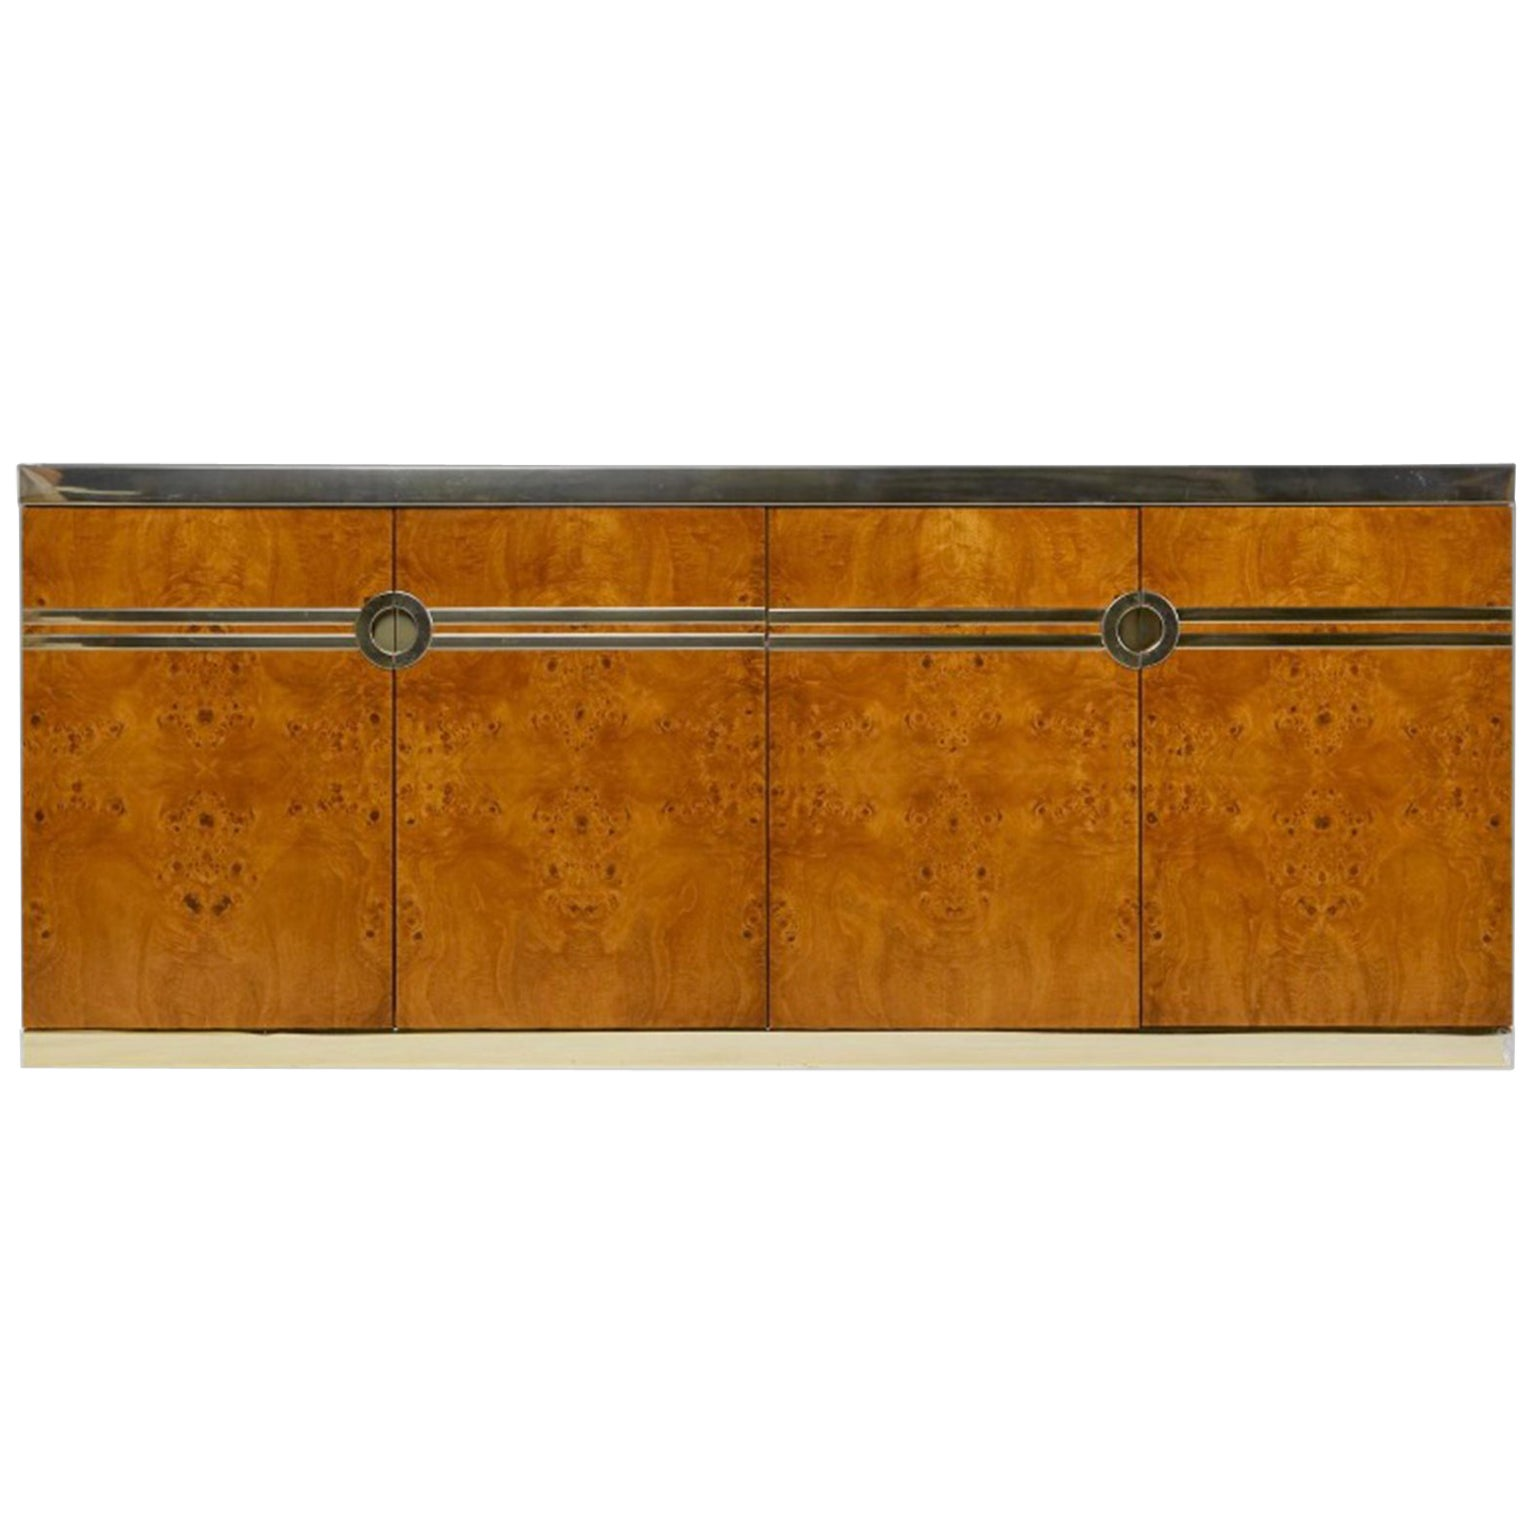 Sideboard by Pierre Cardin, France, 1970s